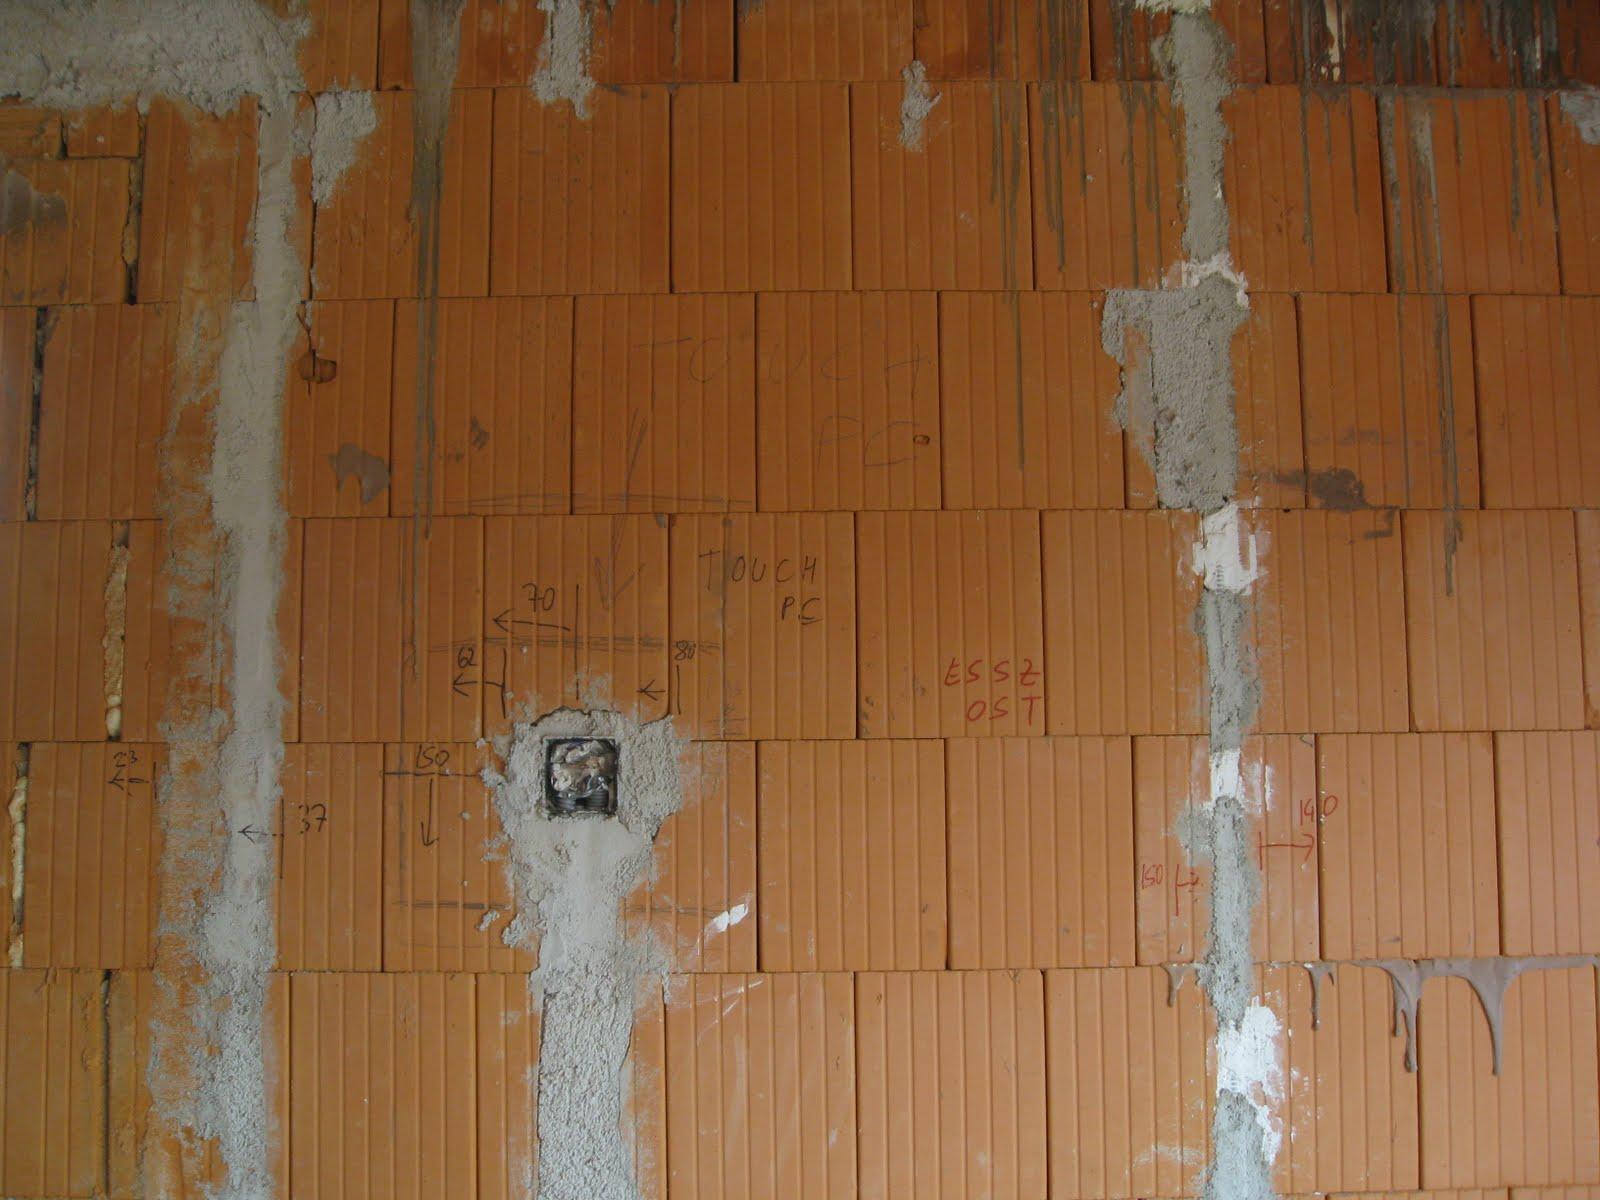 Projekt hausbau april 2010 - Wand verputzen anleitung ...